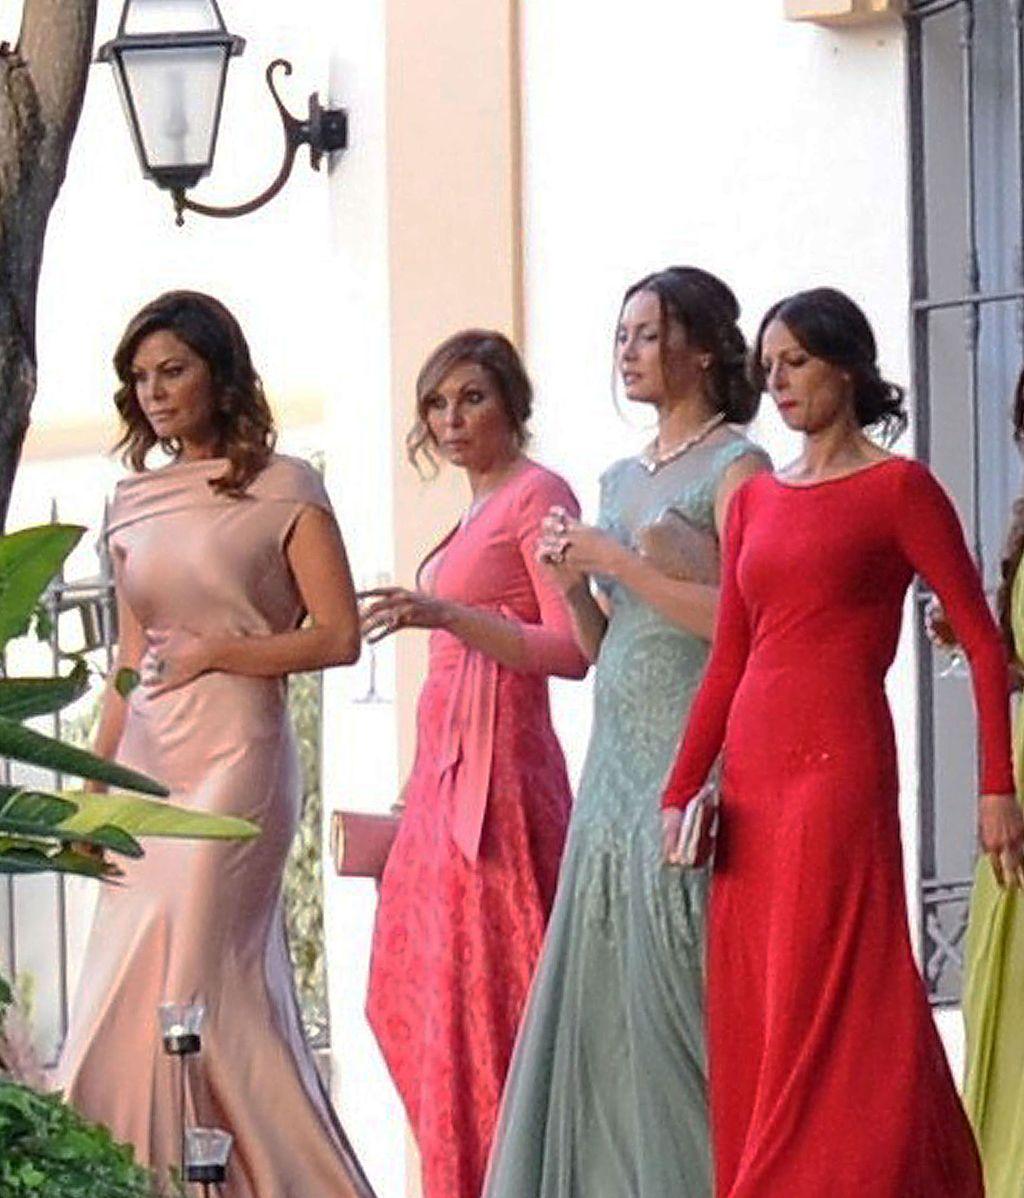 Eva González, María José Suárez y Raquel Rodríguez, muy guapas